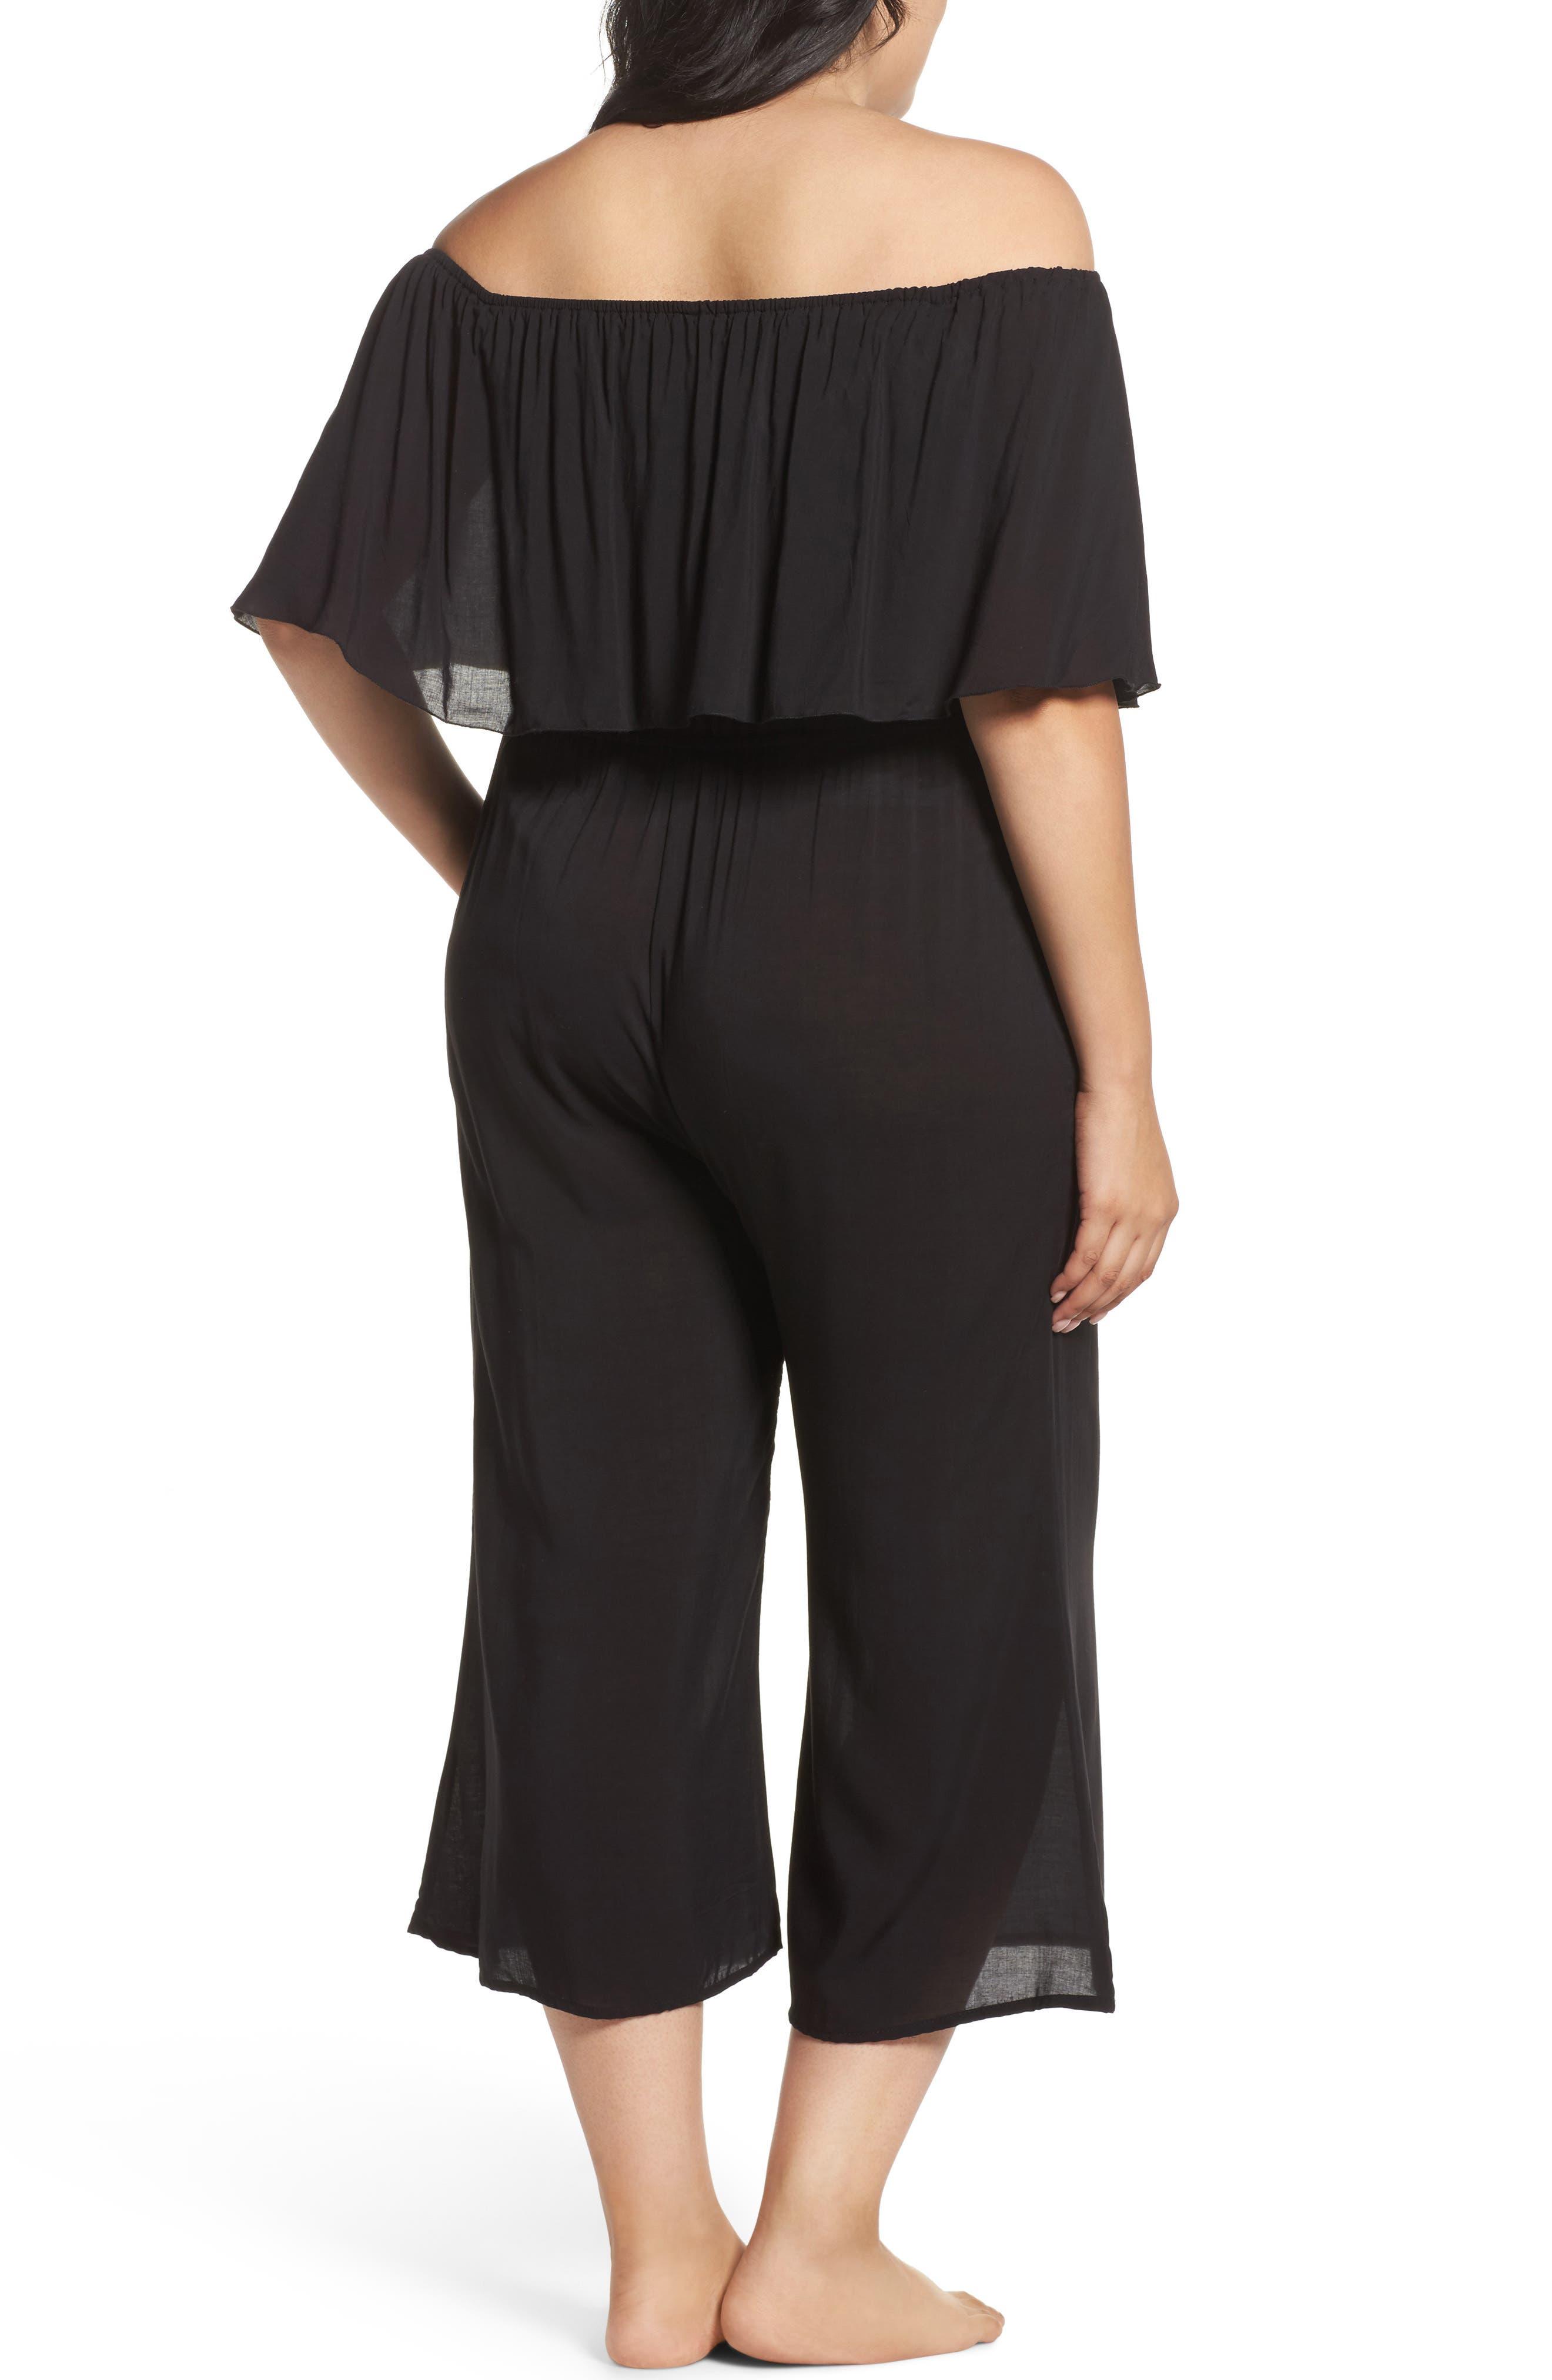 Alternate Image 2  - Elan Off the Shoulder Cover-Up Jumpsuit (Plus Size)